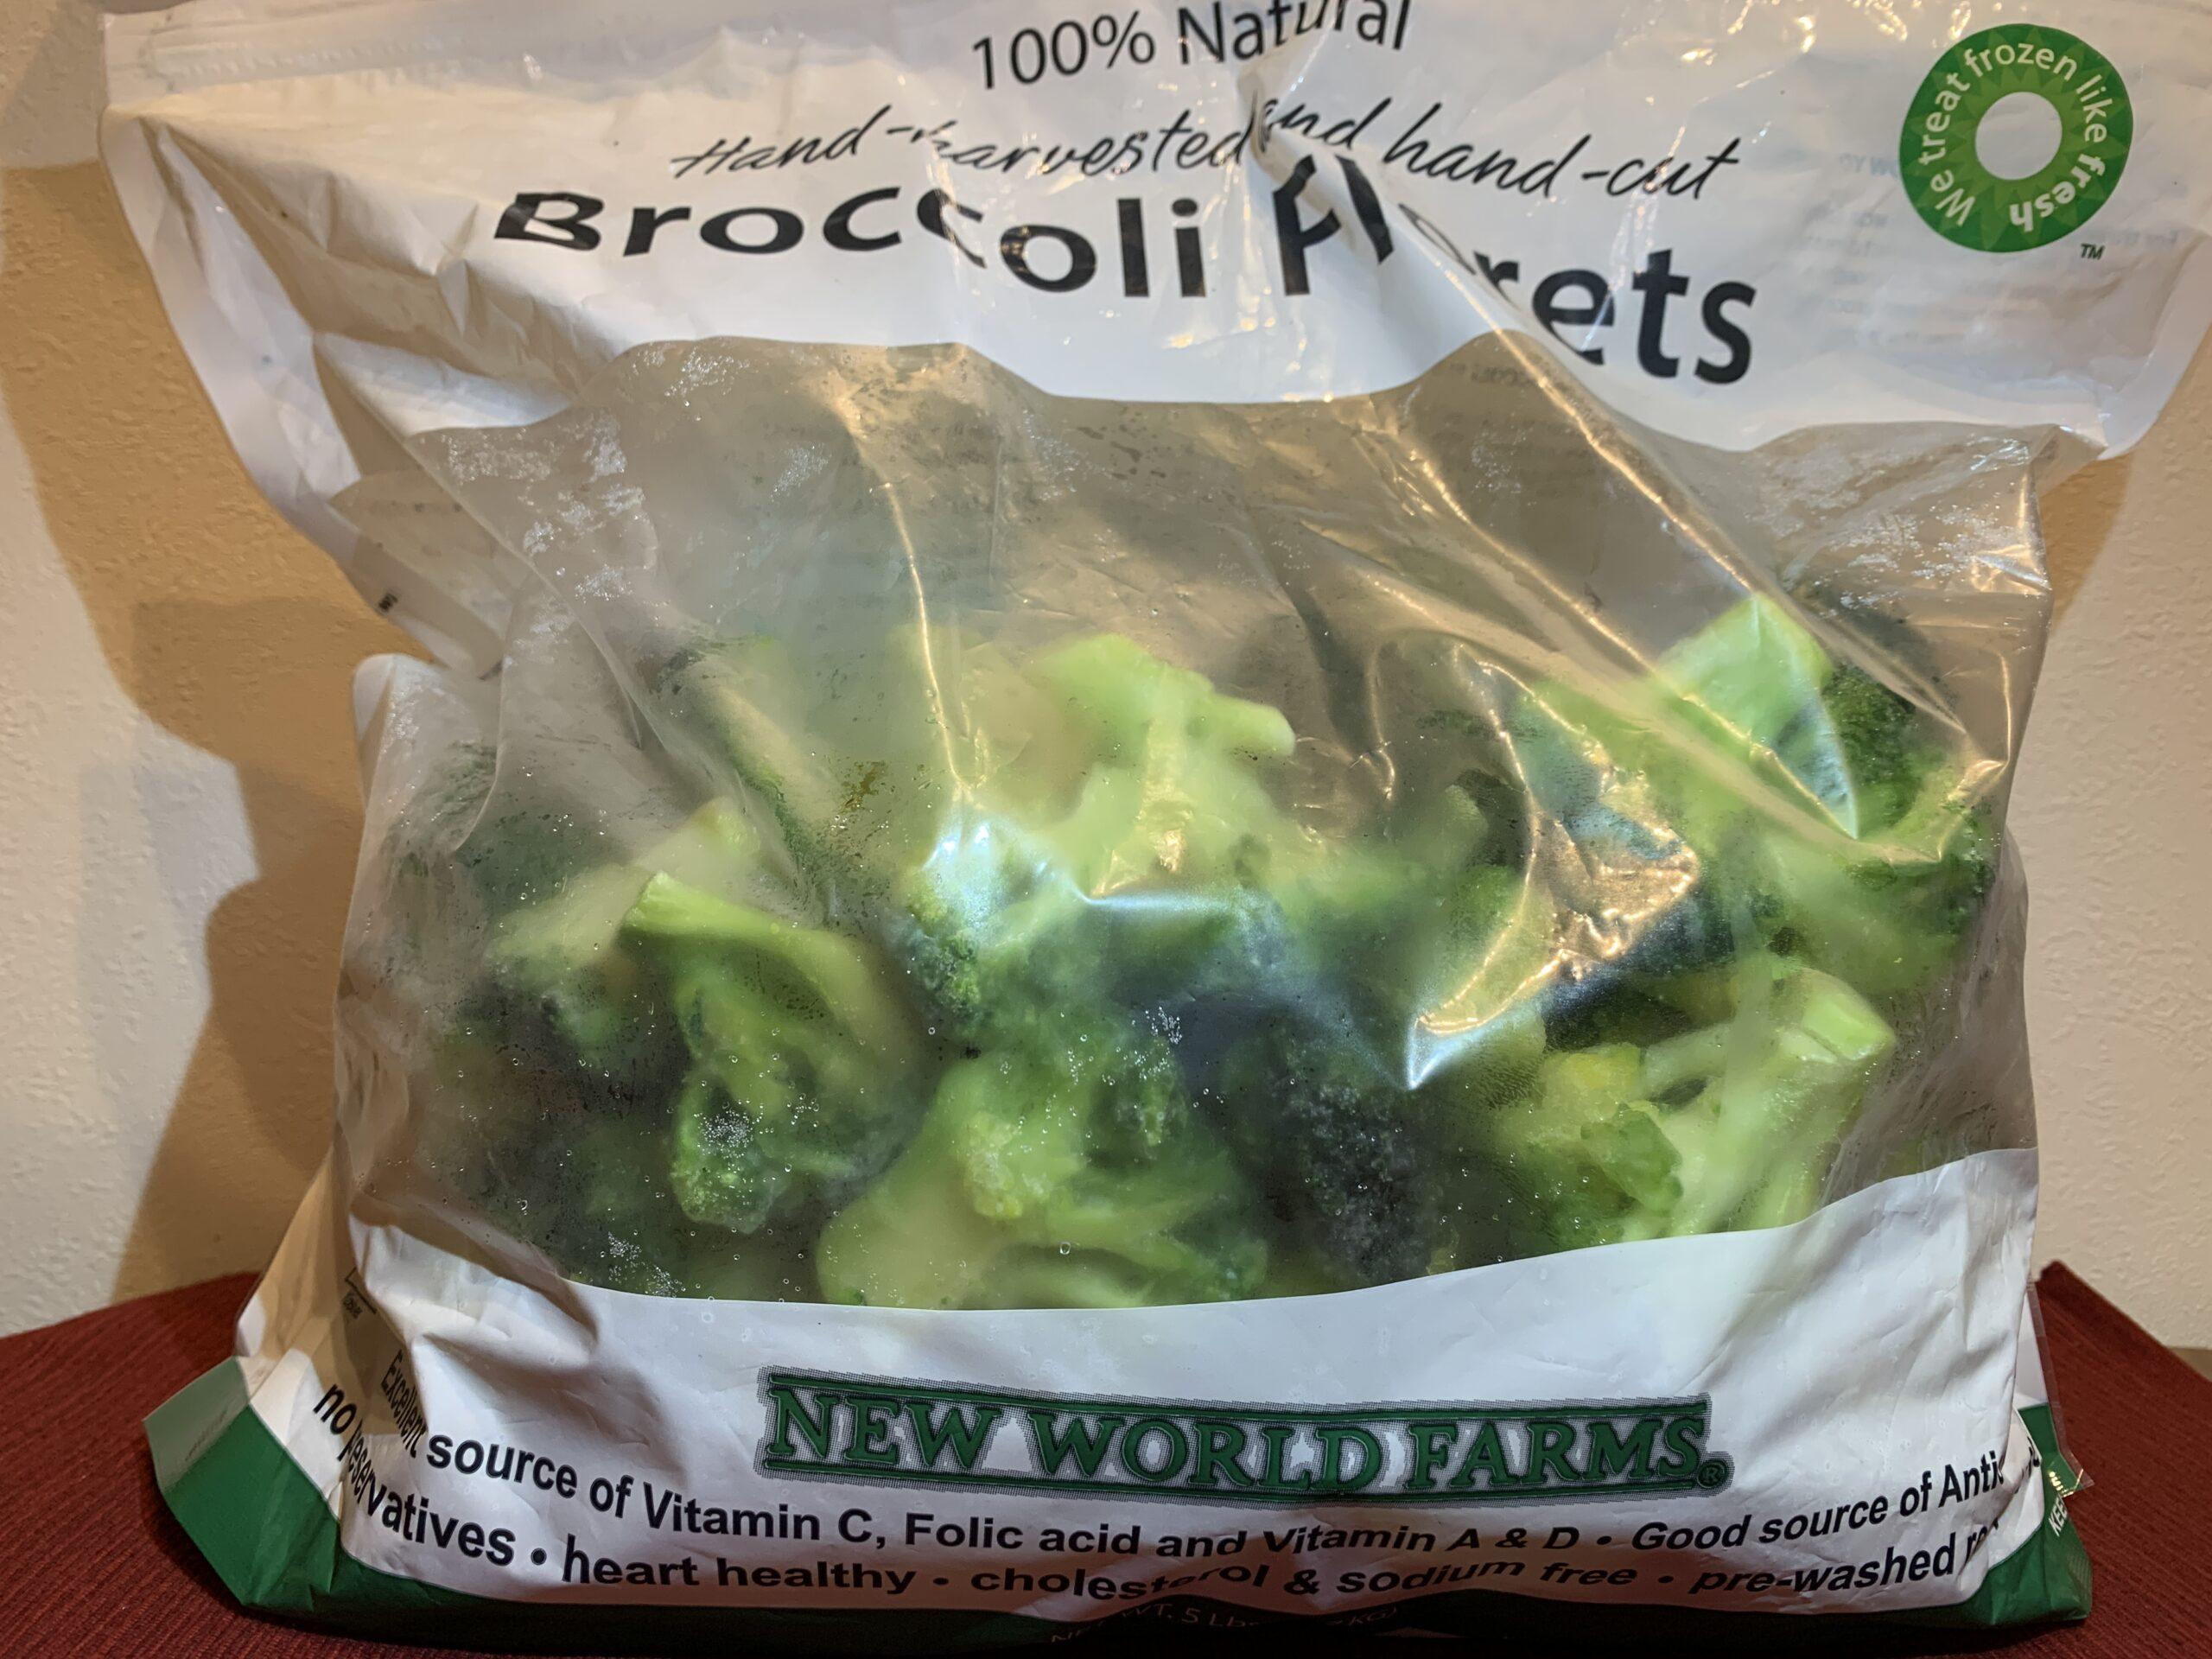 コストコ冷凍ブロッコリーの解凍法、食べ方、水っぽい?虫は?